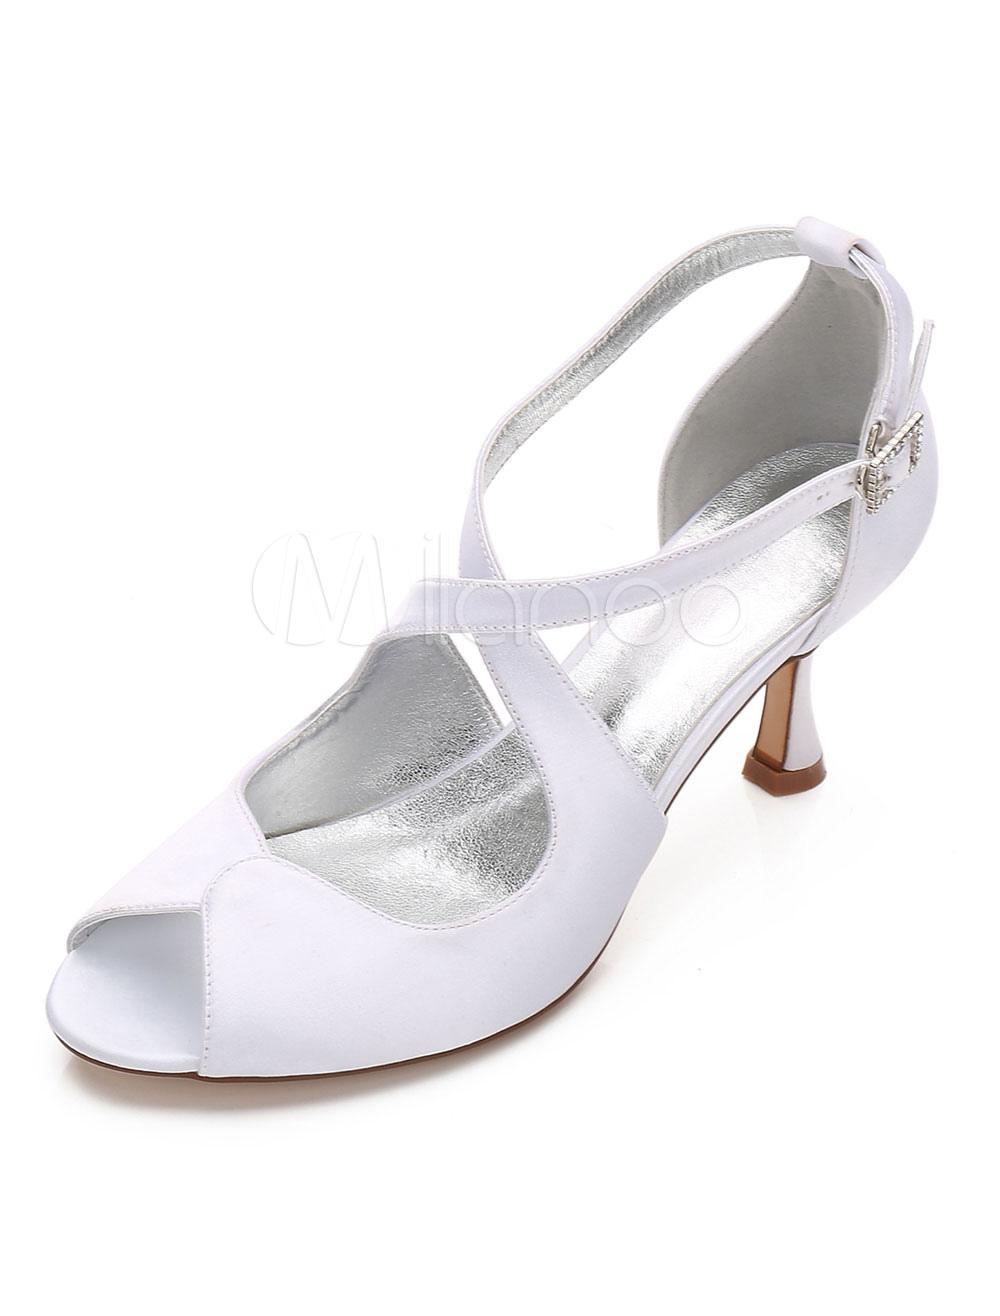 Zapatos Tacón bobina de punter Peep Toe de seda y satén elegantes Fiesta de bodas VZFH8